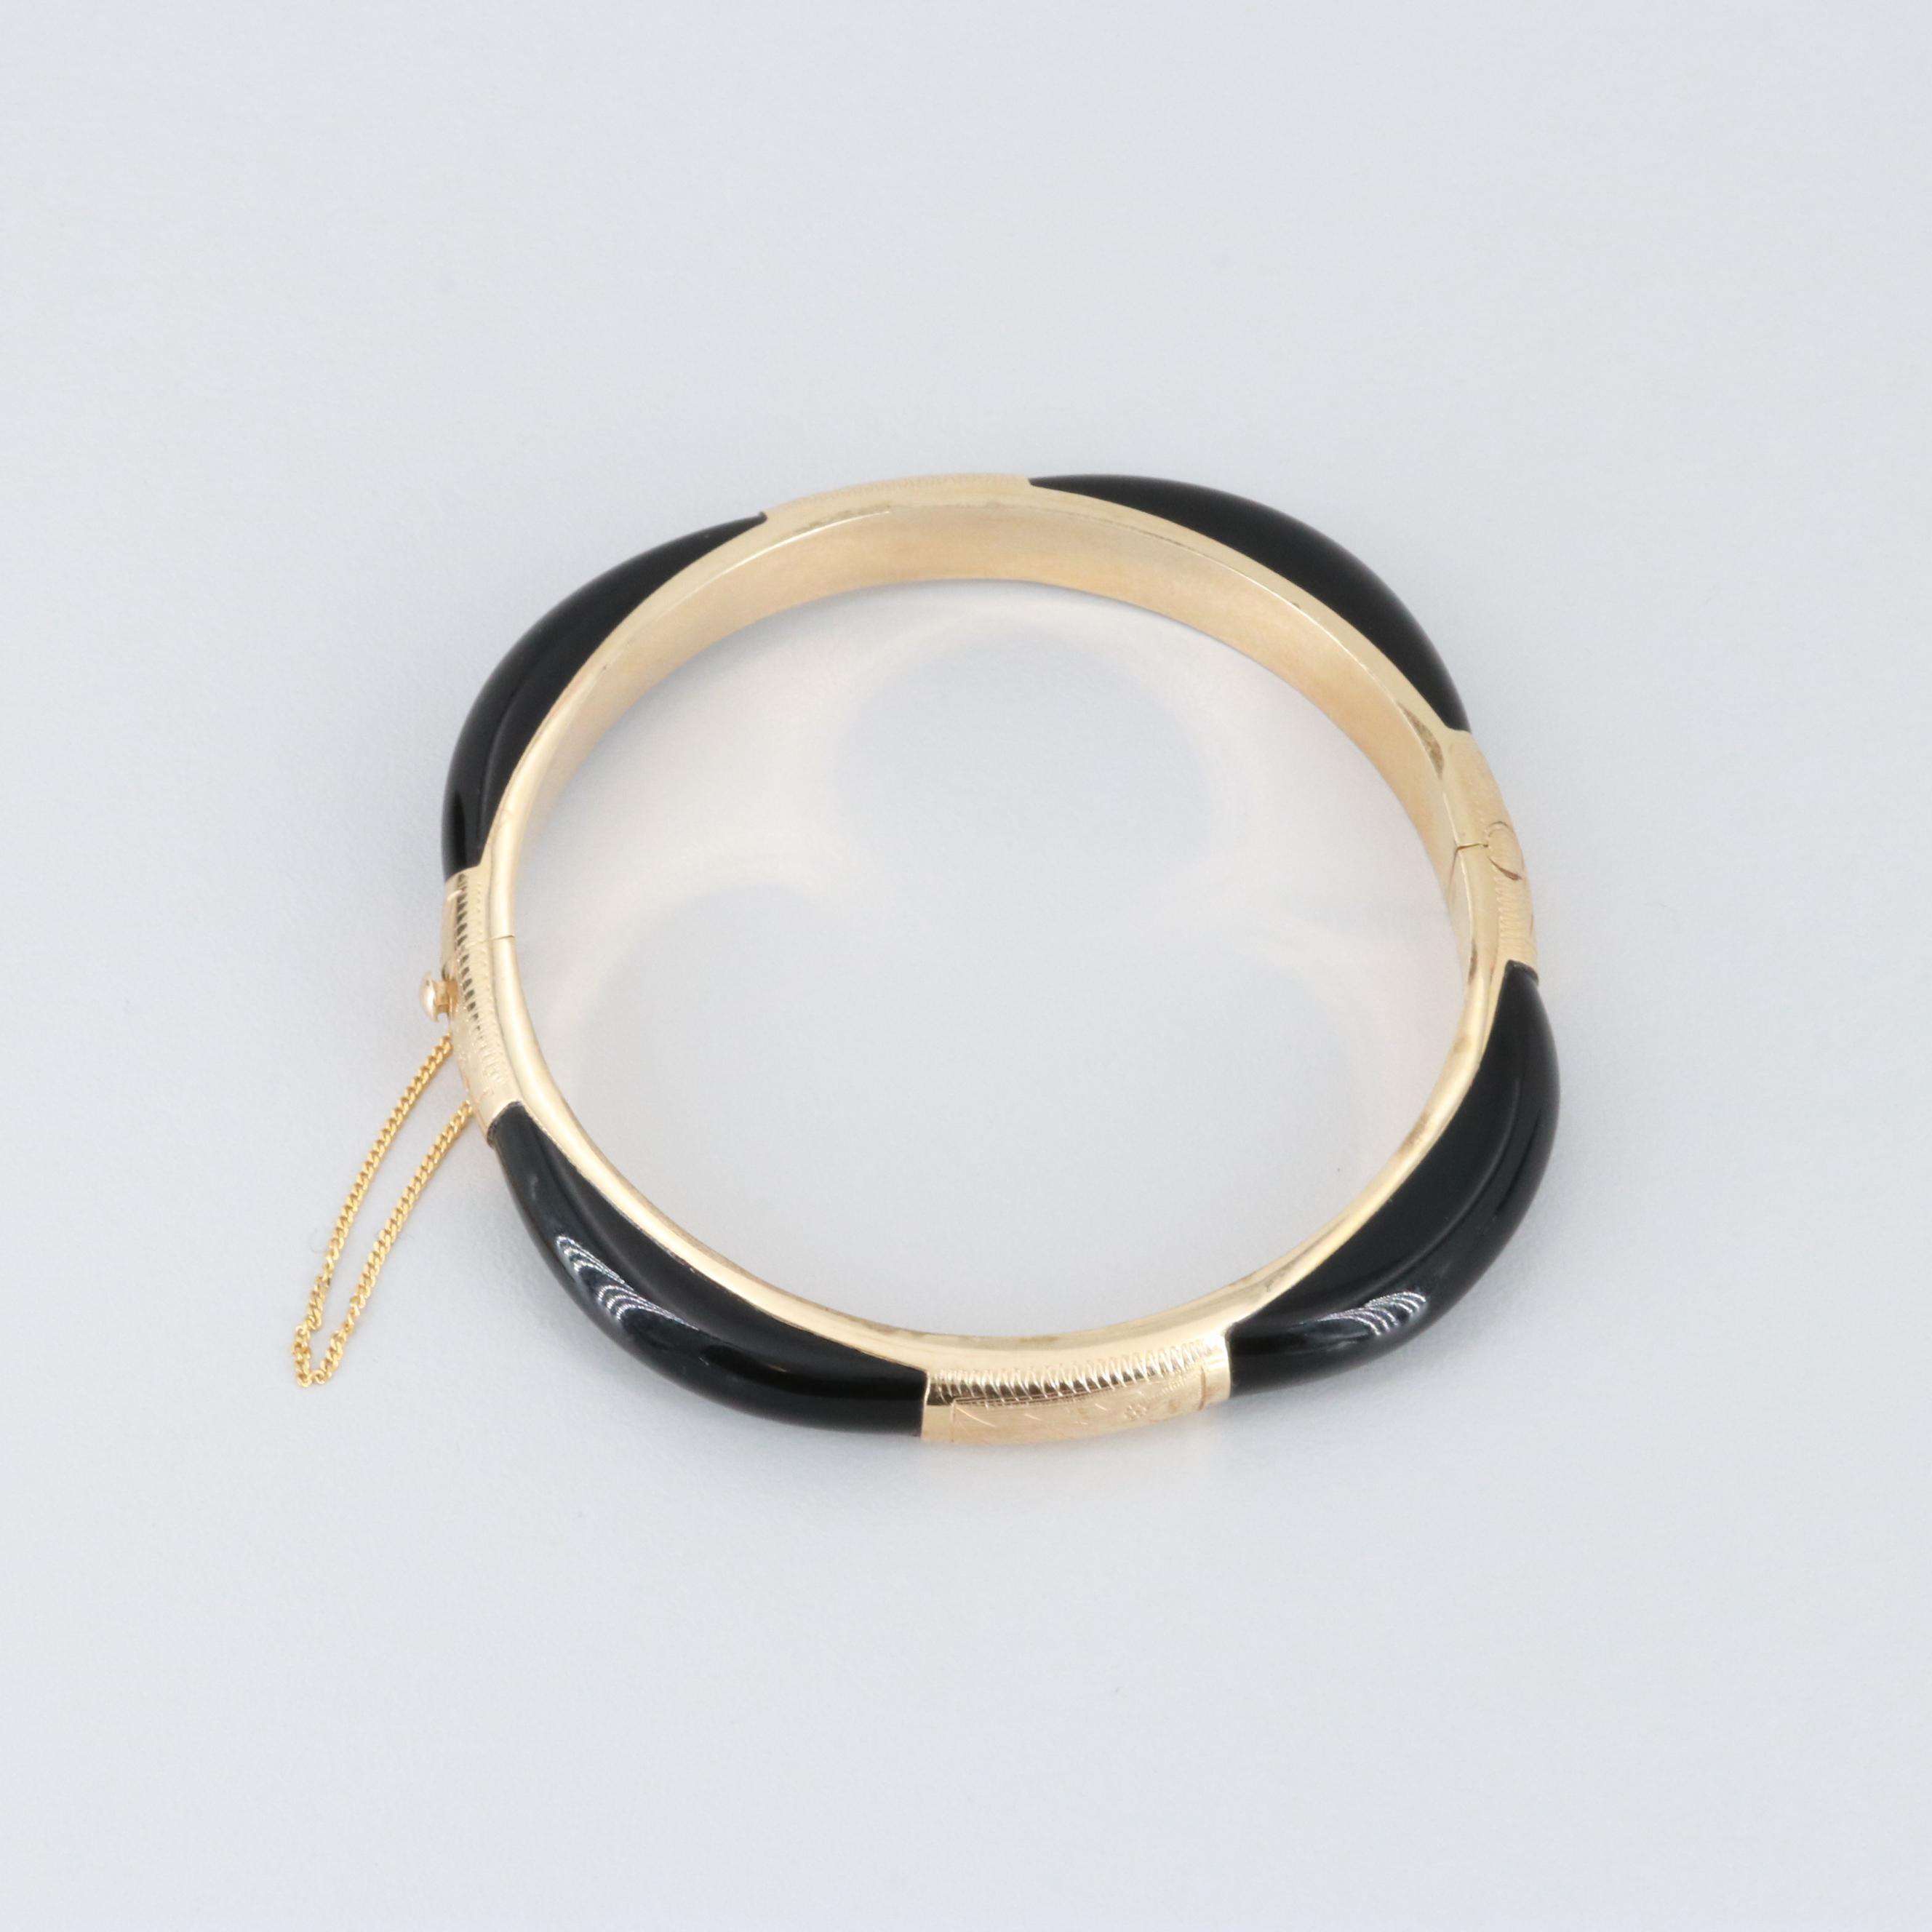 14K Yellow Gold Black Onyx Hinged Bangle Bracelet